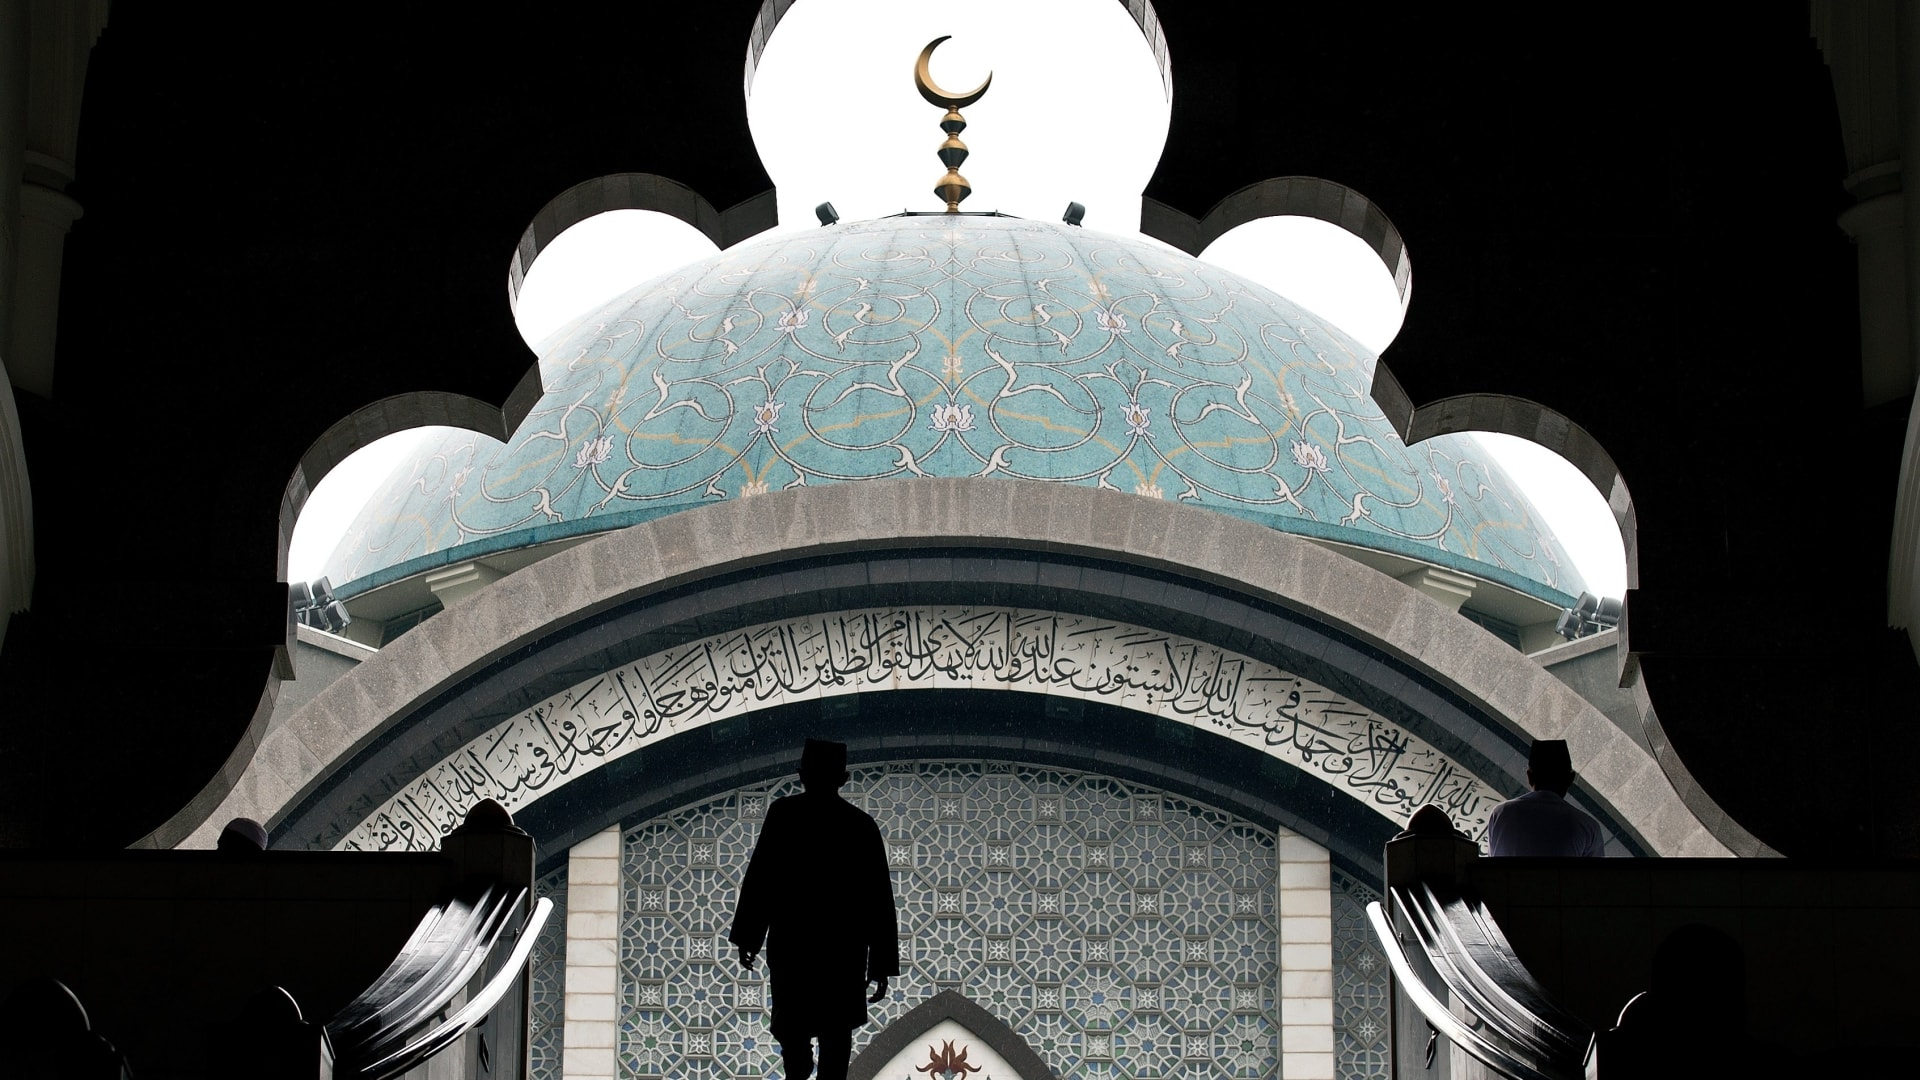 """ماليزيا تطرح """"بيت الصدقة"""" لإدارة التمويل الخيري وتحرر البنوك الإسلامية من العبء"""